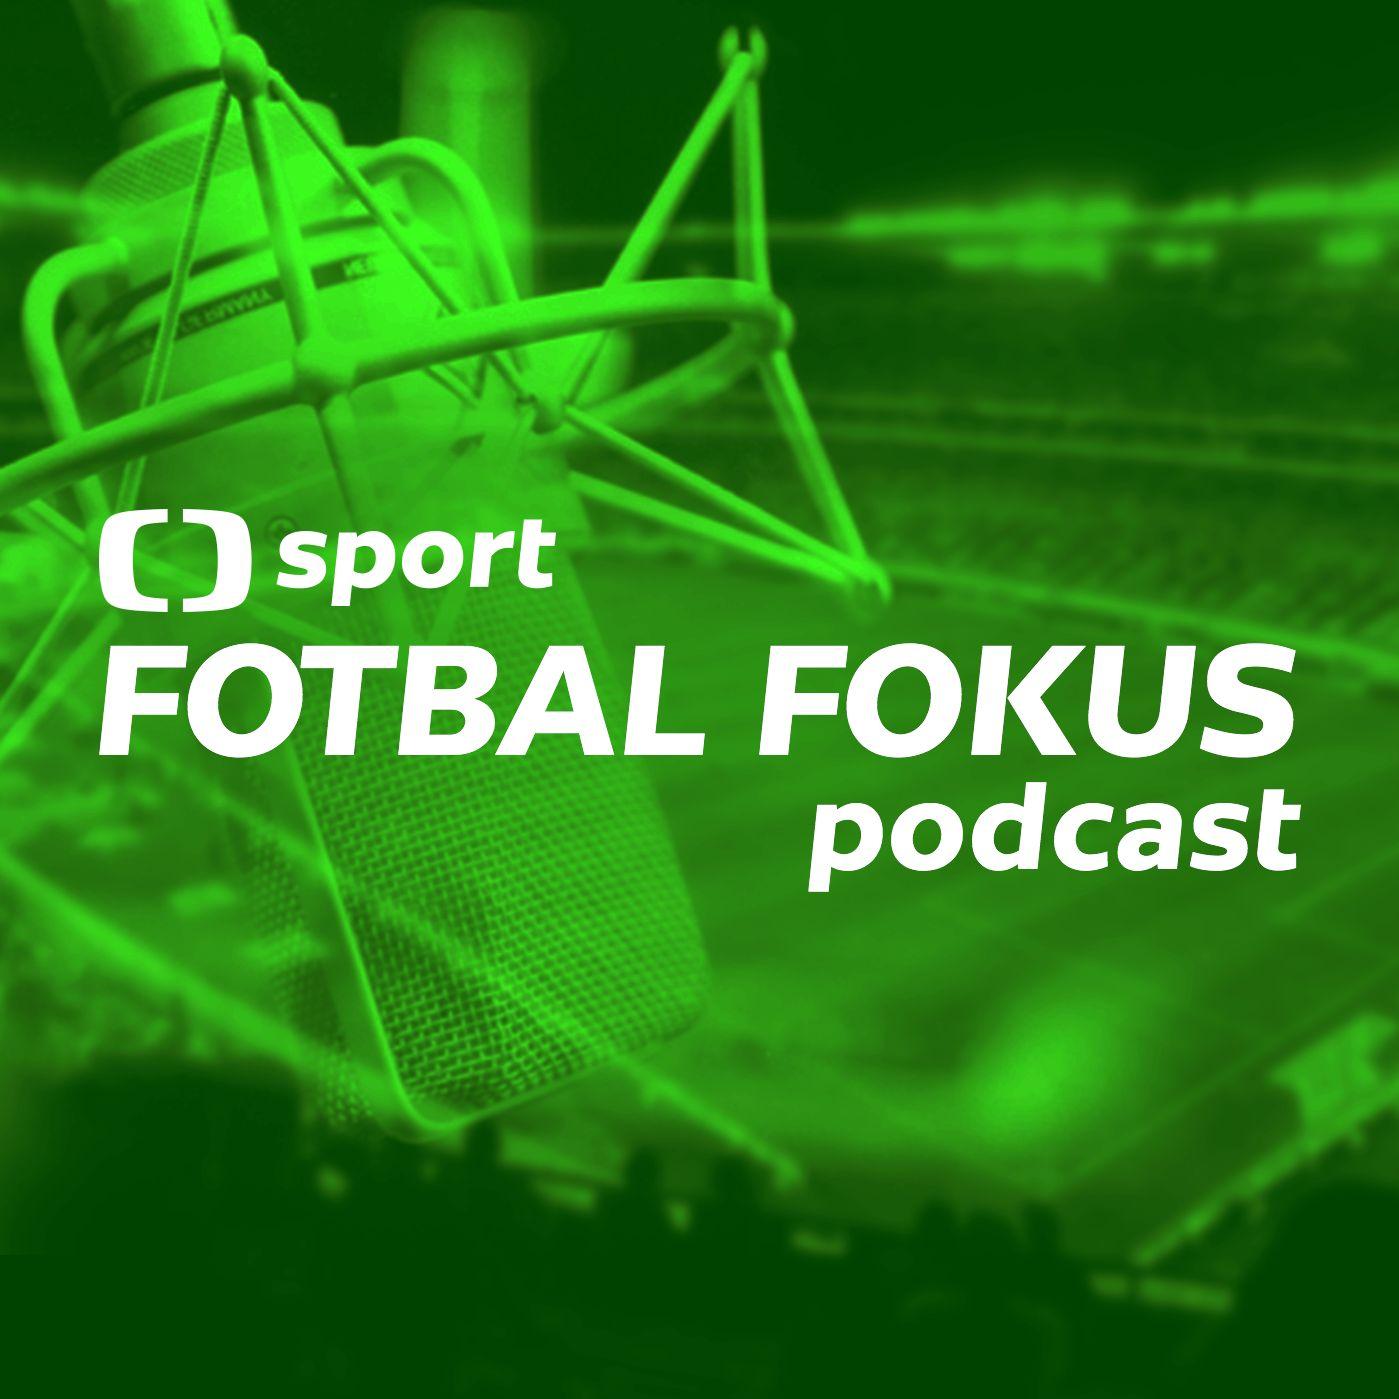 Fotbal fokus podcast: Co musí udělat české týmy, aby na úvod EL uspěly?